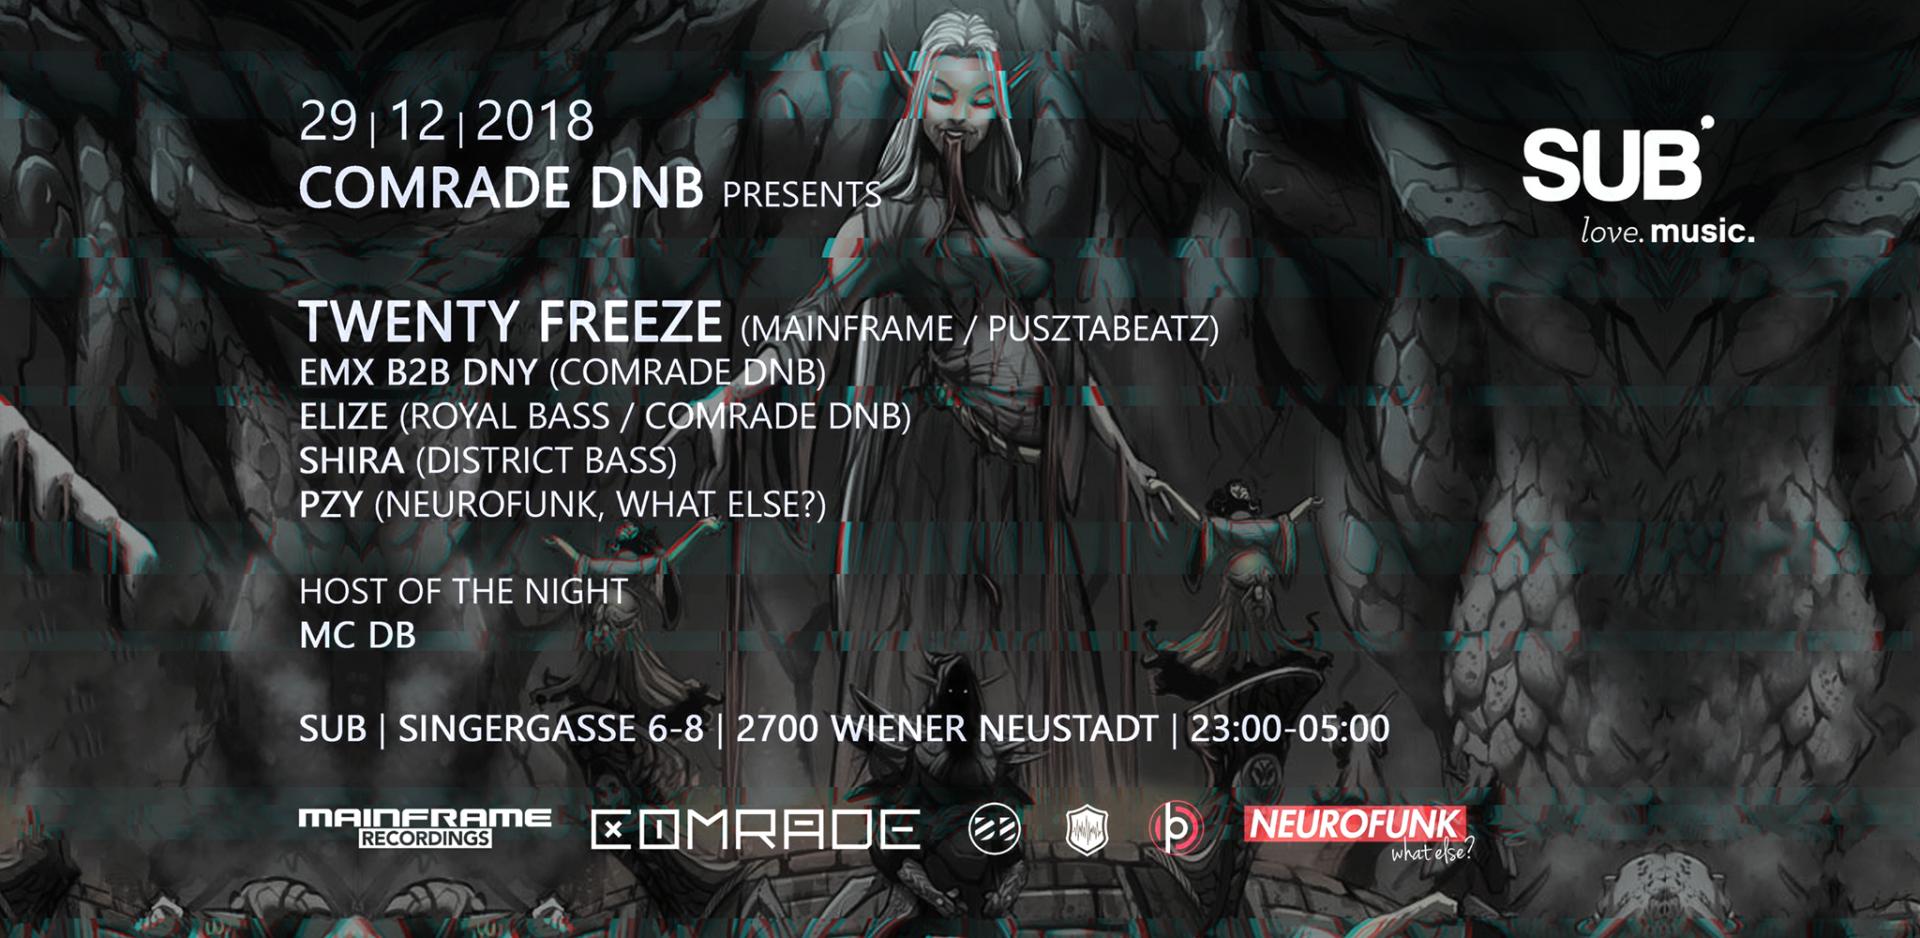 Comrade DNB presents Twenty Freeze (Mainframe/Pusztabeatz) am 29. December 2018 @ SUB.